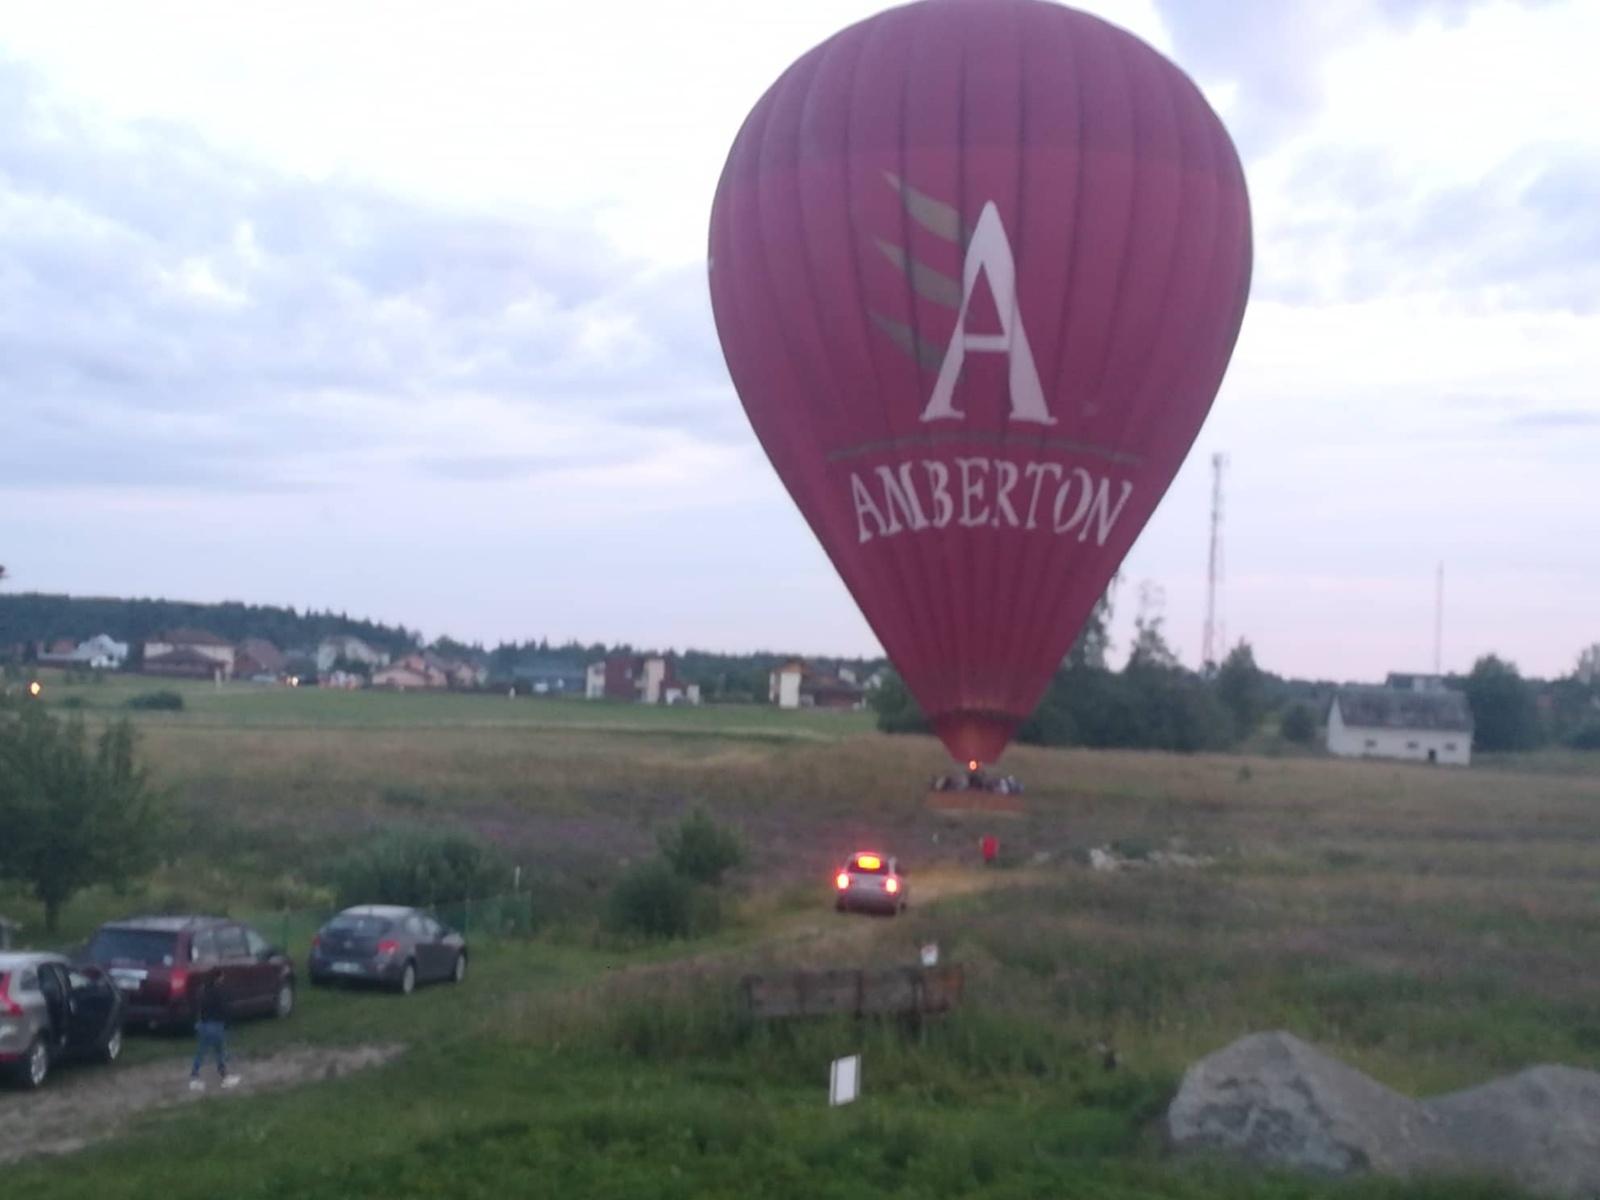 Šiaulių rajone tarp gyvenamųjų namų nusileido oro balionas